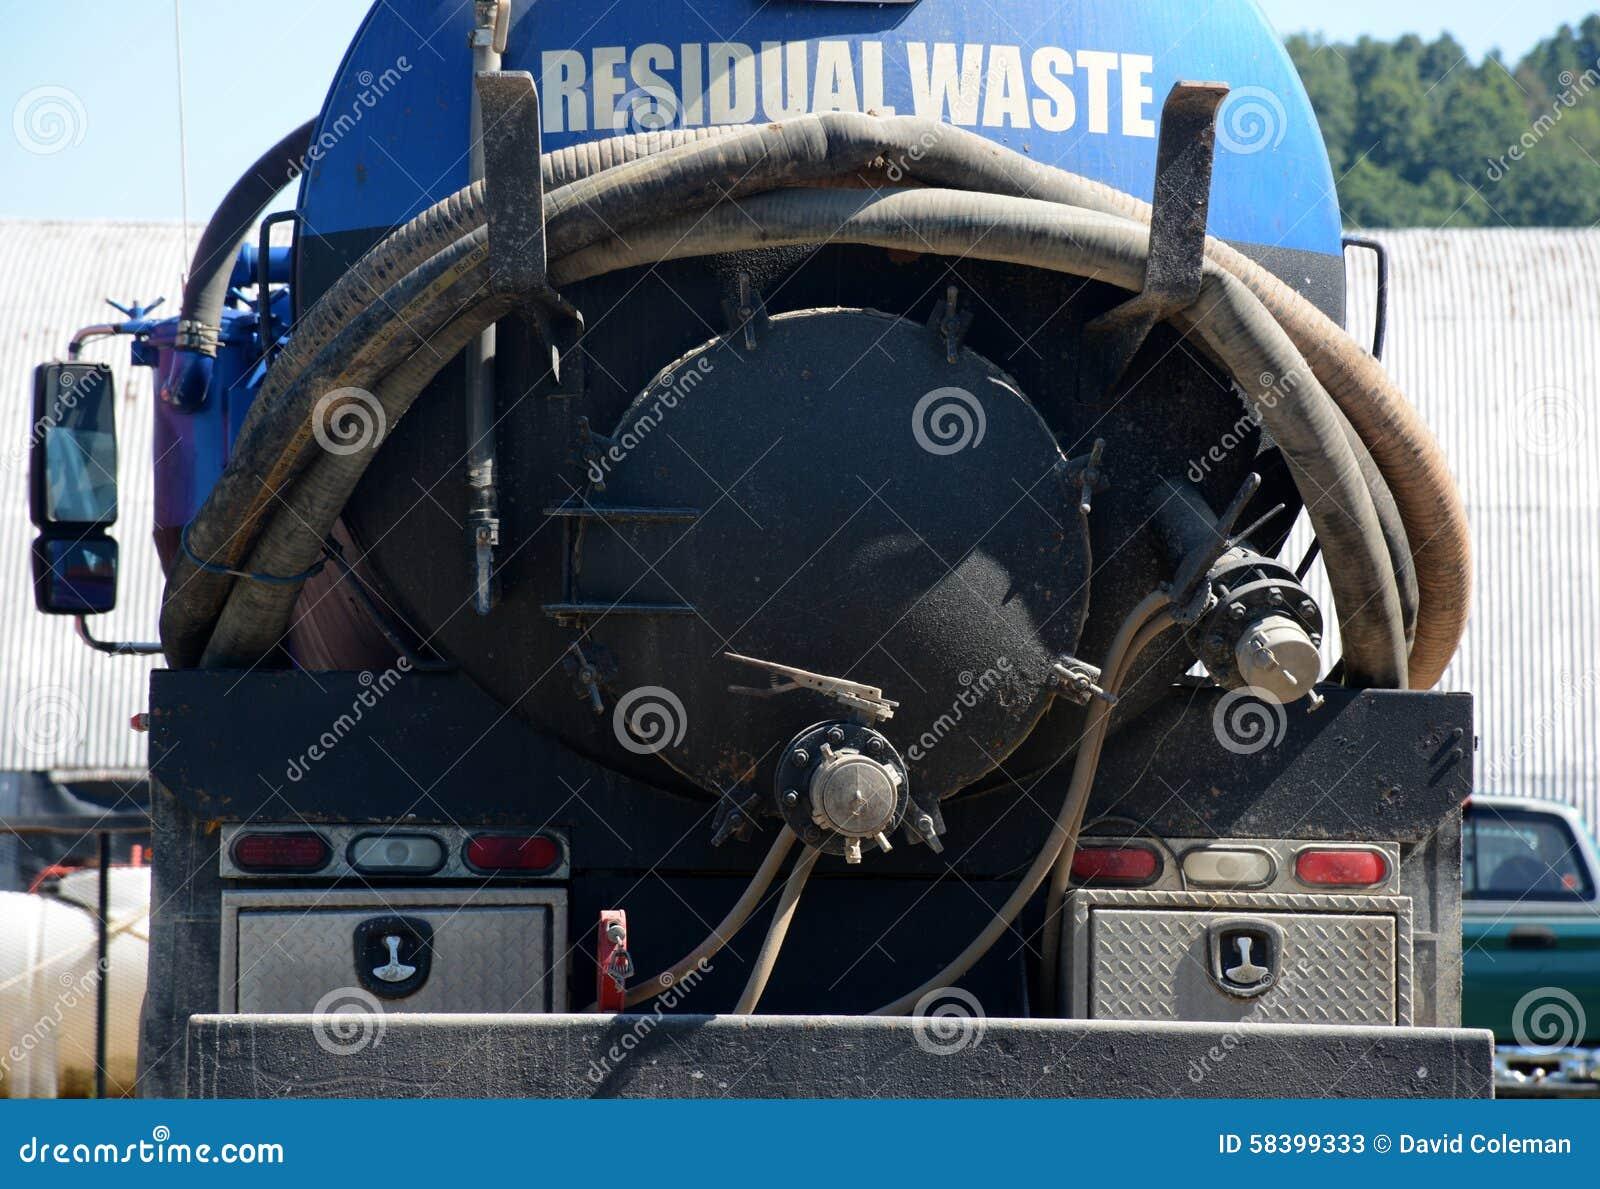 Basura de la residual